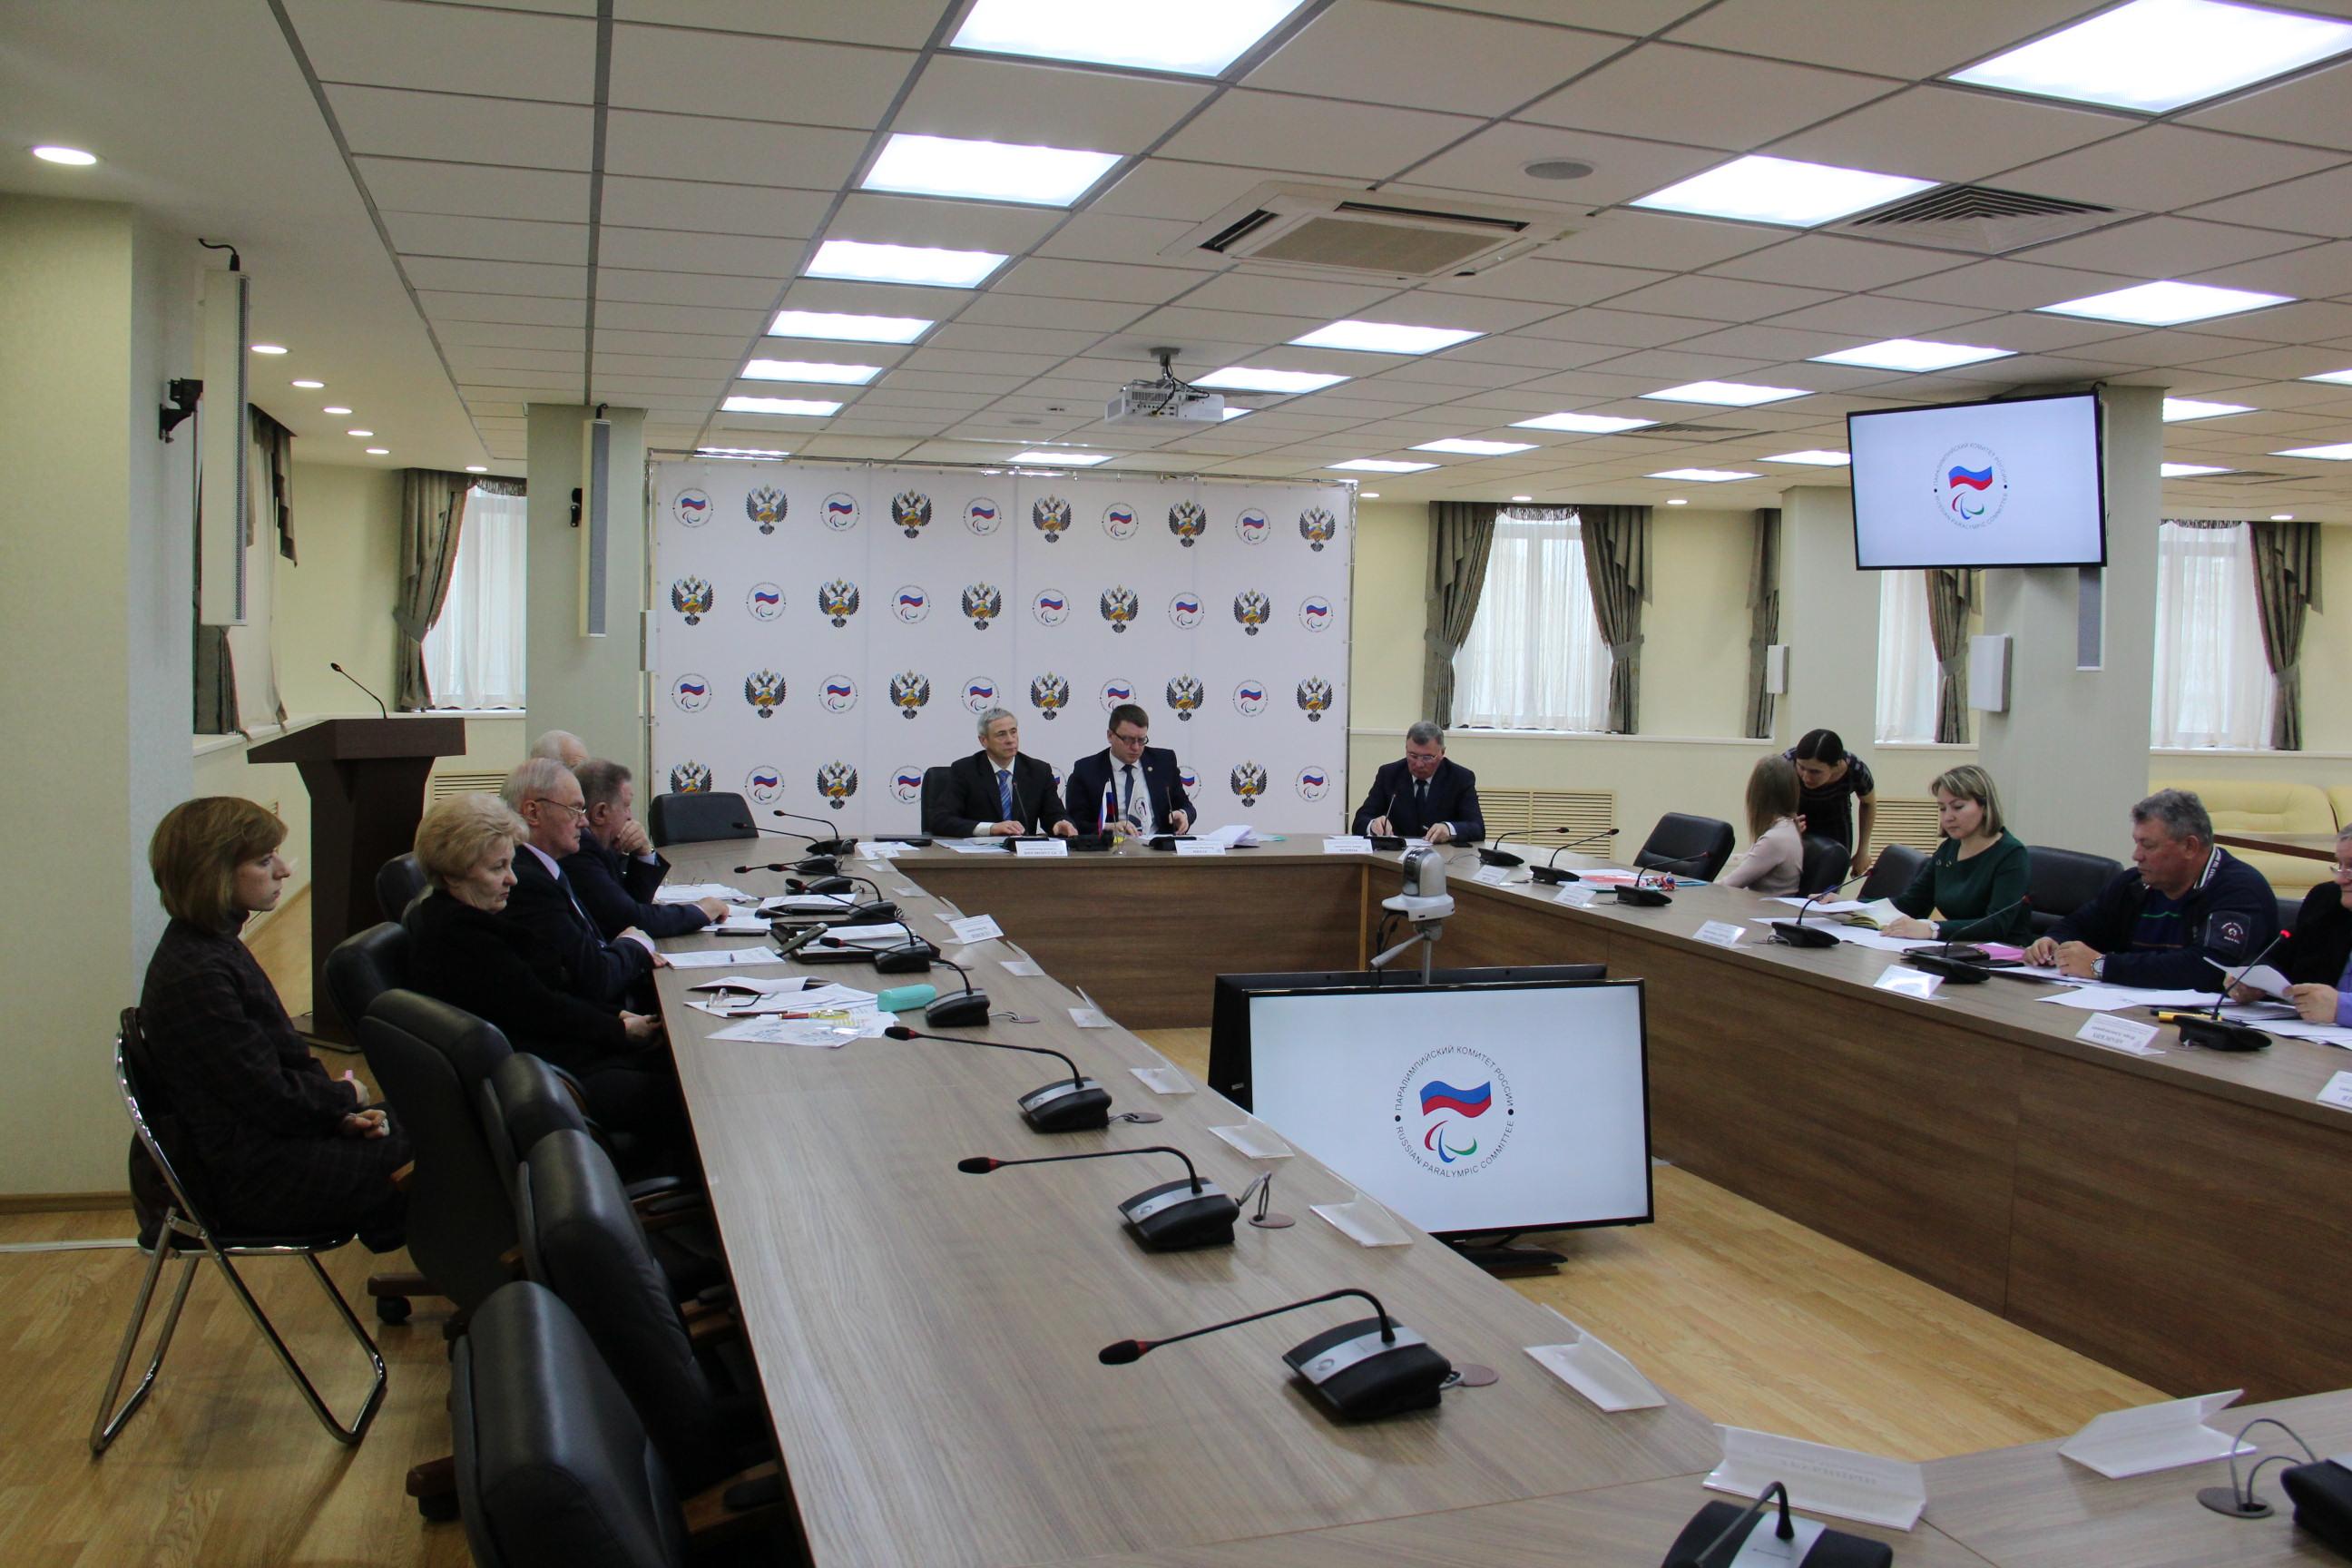 П.А. Рожков в зале Исполкома ПКР провел заседание Бюро рабочей группы по подготовке сборных команд России к участию в Паралимпийских играх-2018